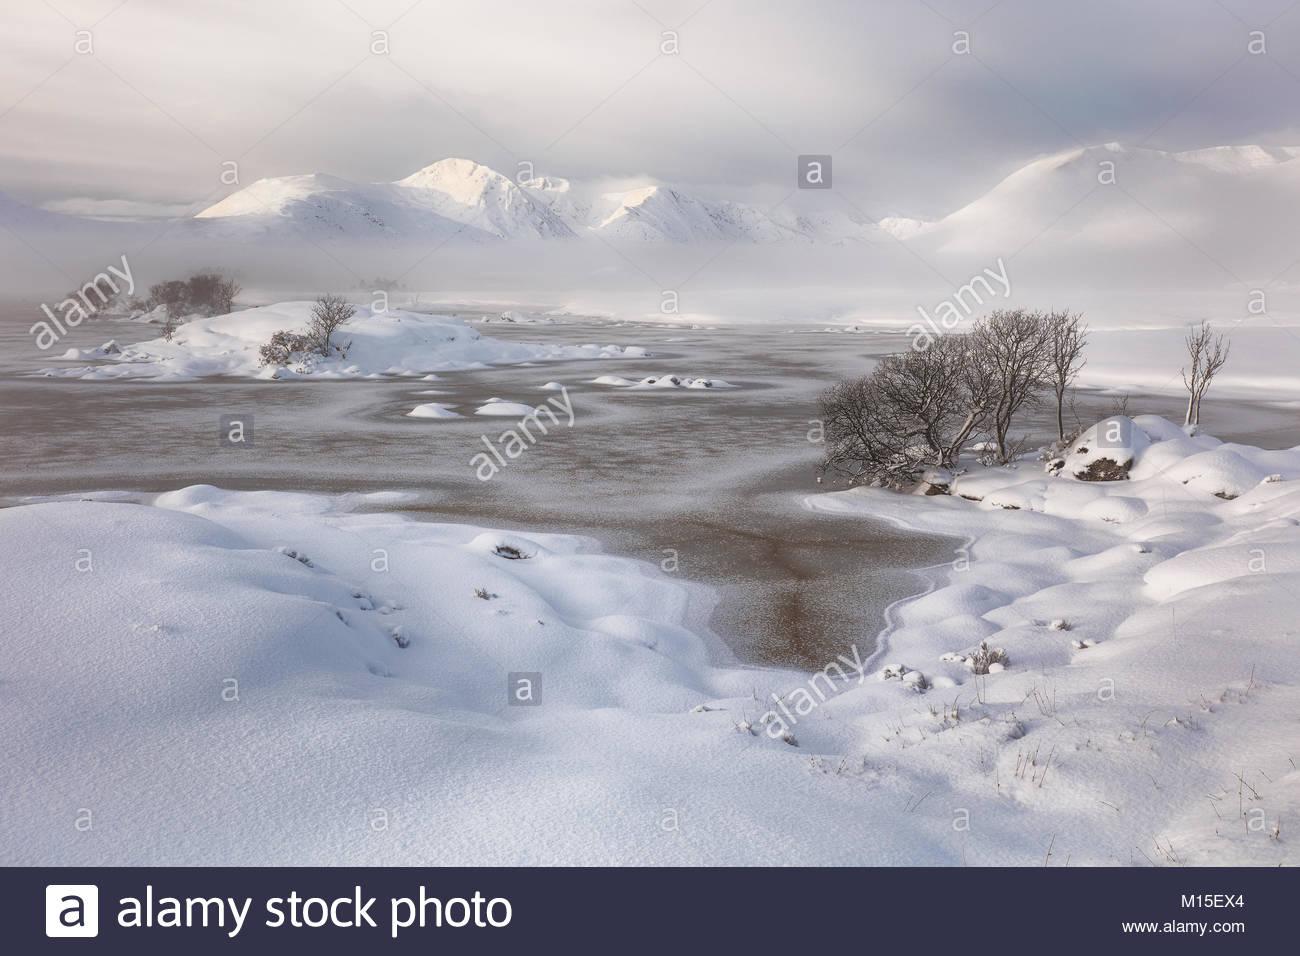 Una coperta di neve Rannoch Moor guardando sopra un congelati Lochan na h-achlaise al Misty Blackmount mountain range. Glencoe, Scozia Foto Stock